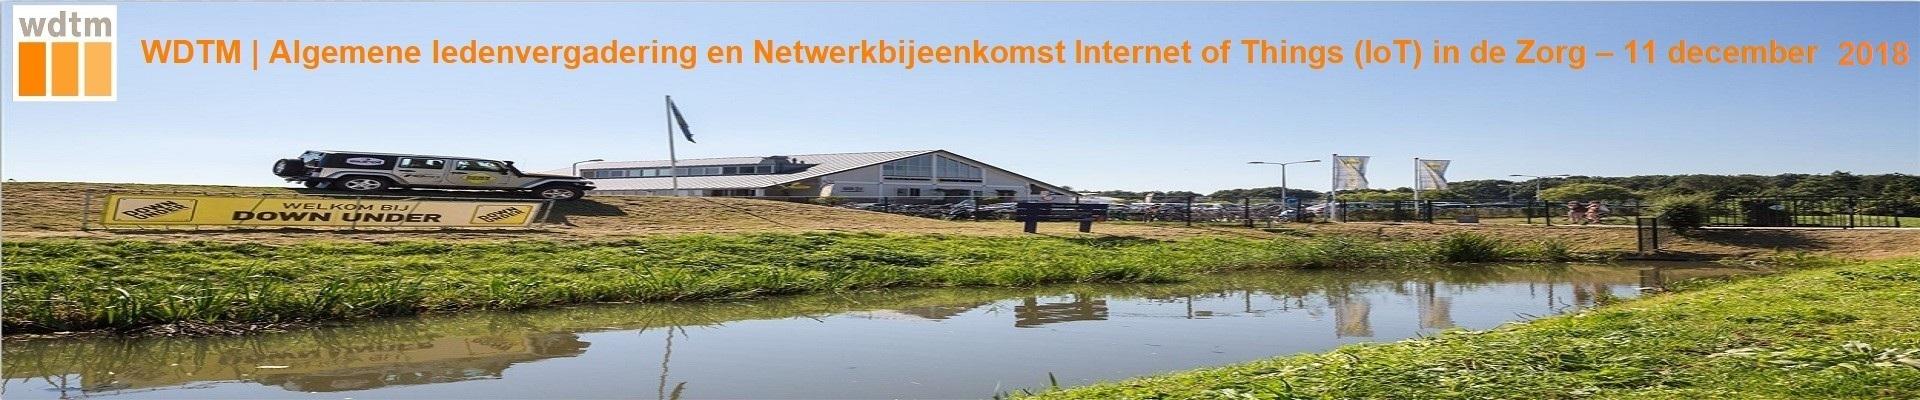 WDTM Netwerkbijeenkomst Internet of Things (IoT) in de Zorg - 11 december 2018